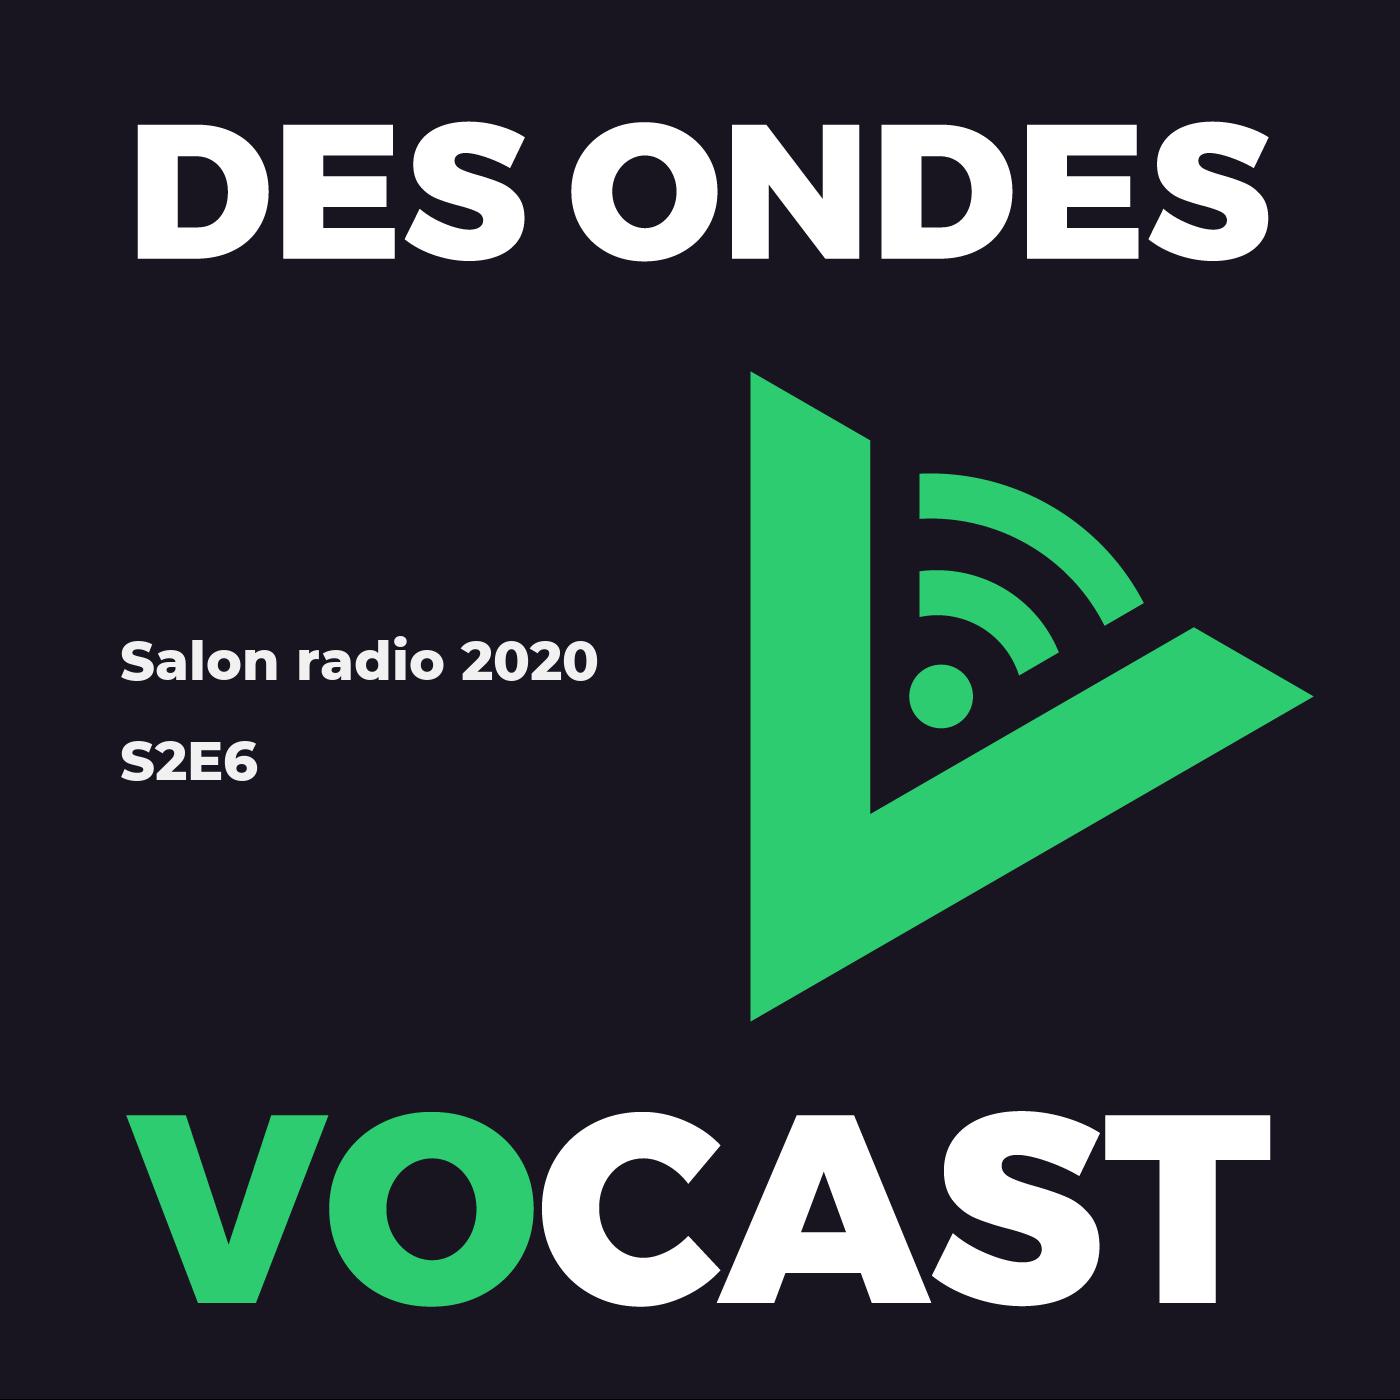 En direct du Salon de la radio 2020